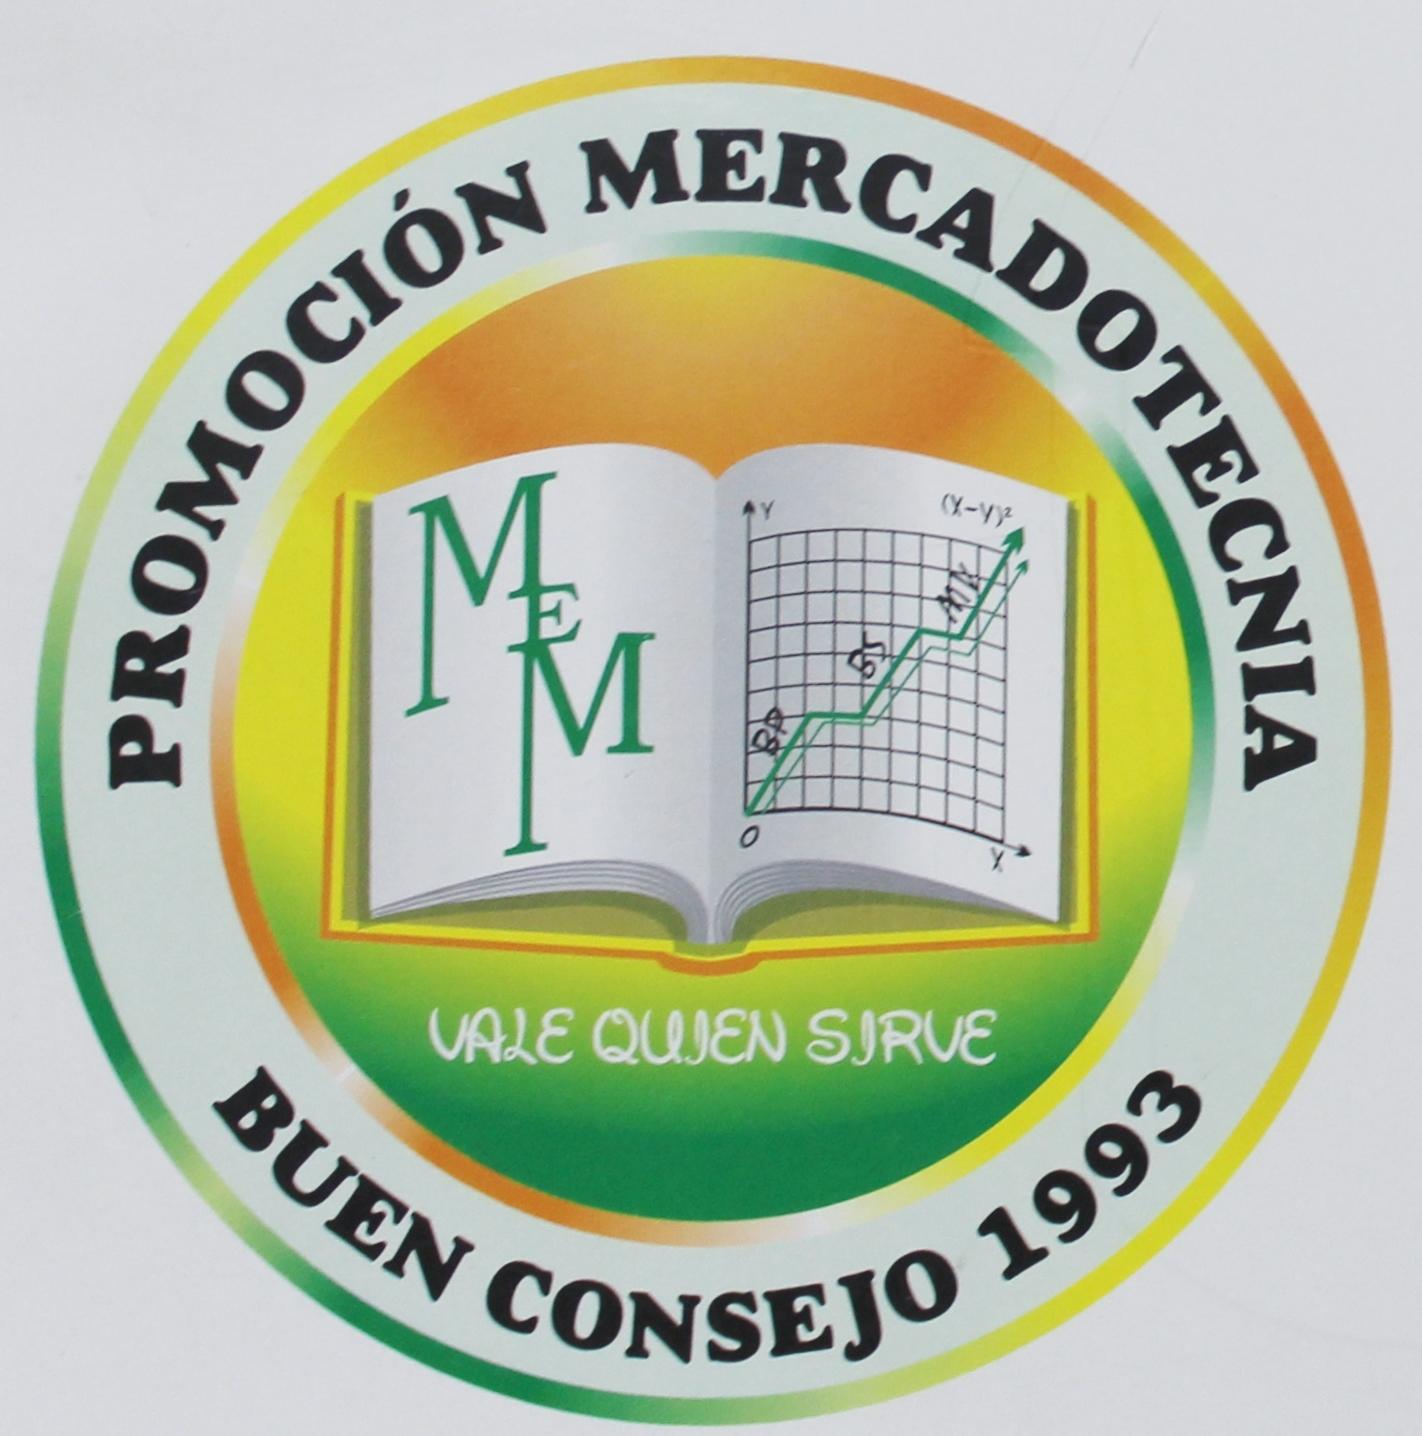 MERCADOTÉCNICA 1993